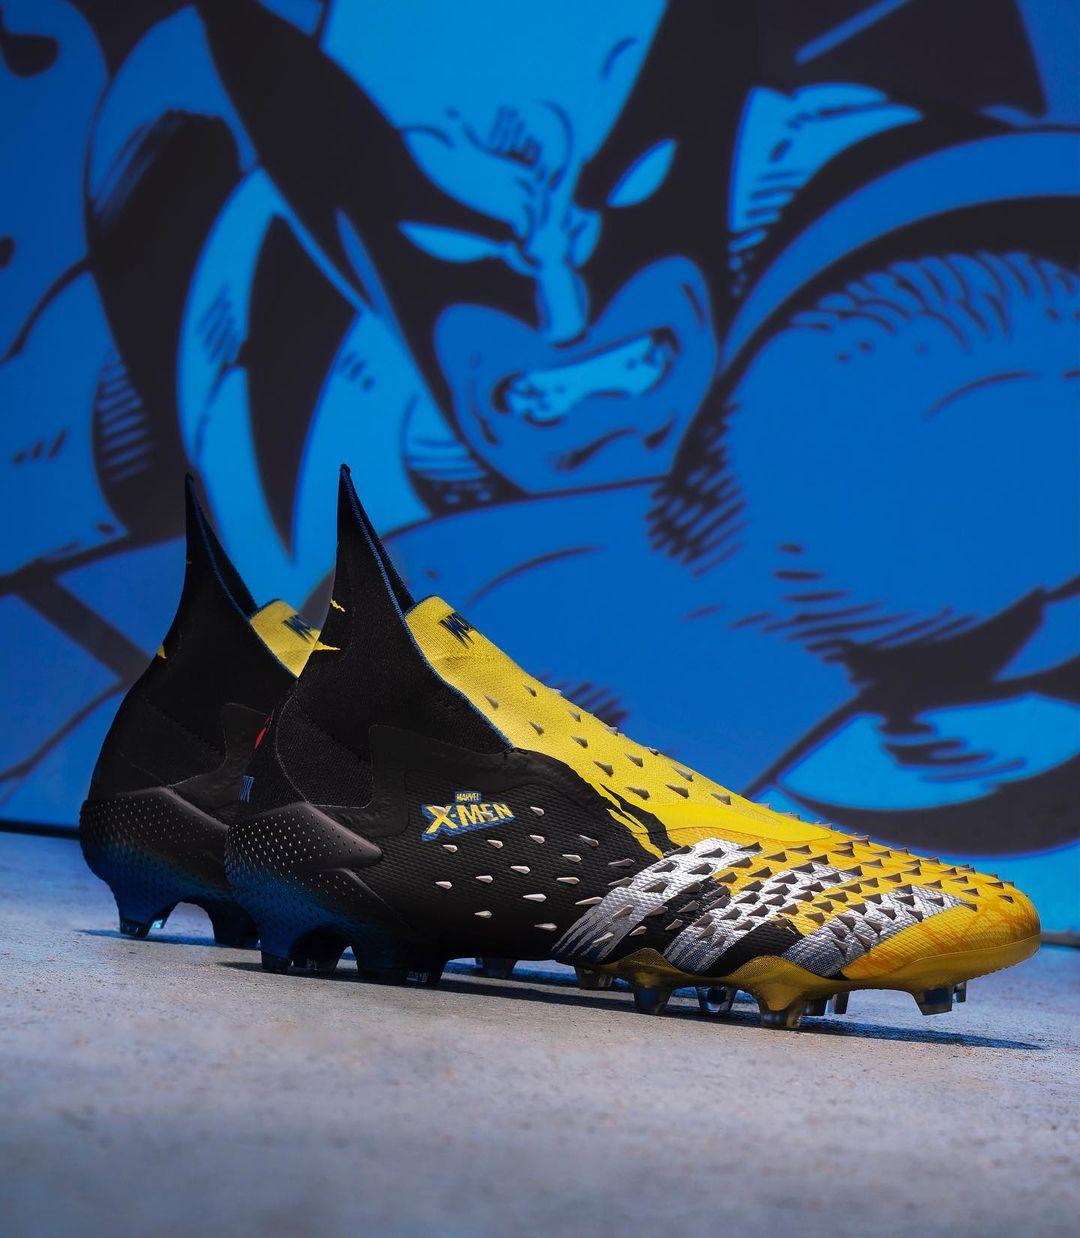 Adidas e Marvel lançam chuteiras inspiradas em Wolverine e Ciclope 1